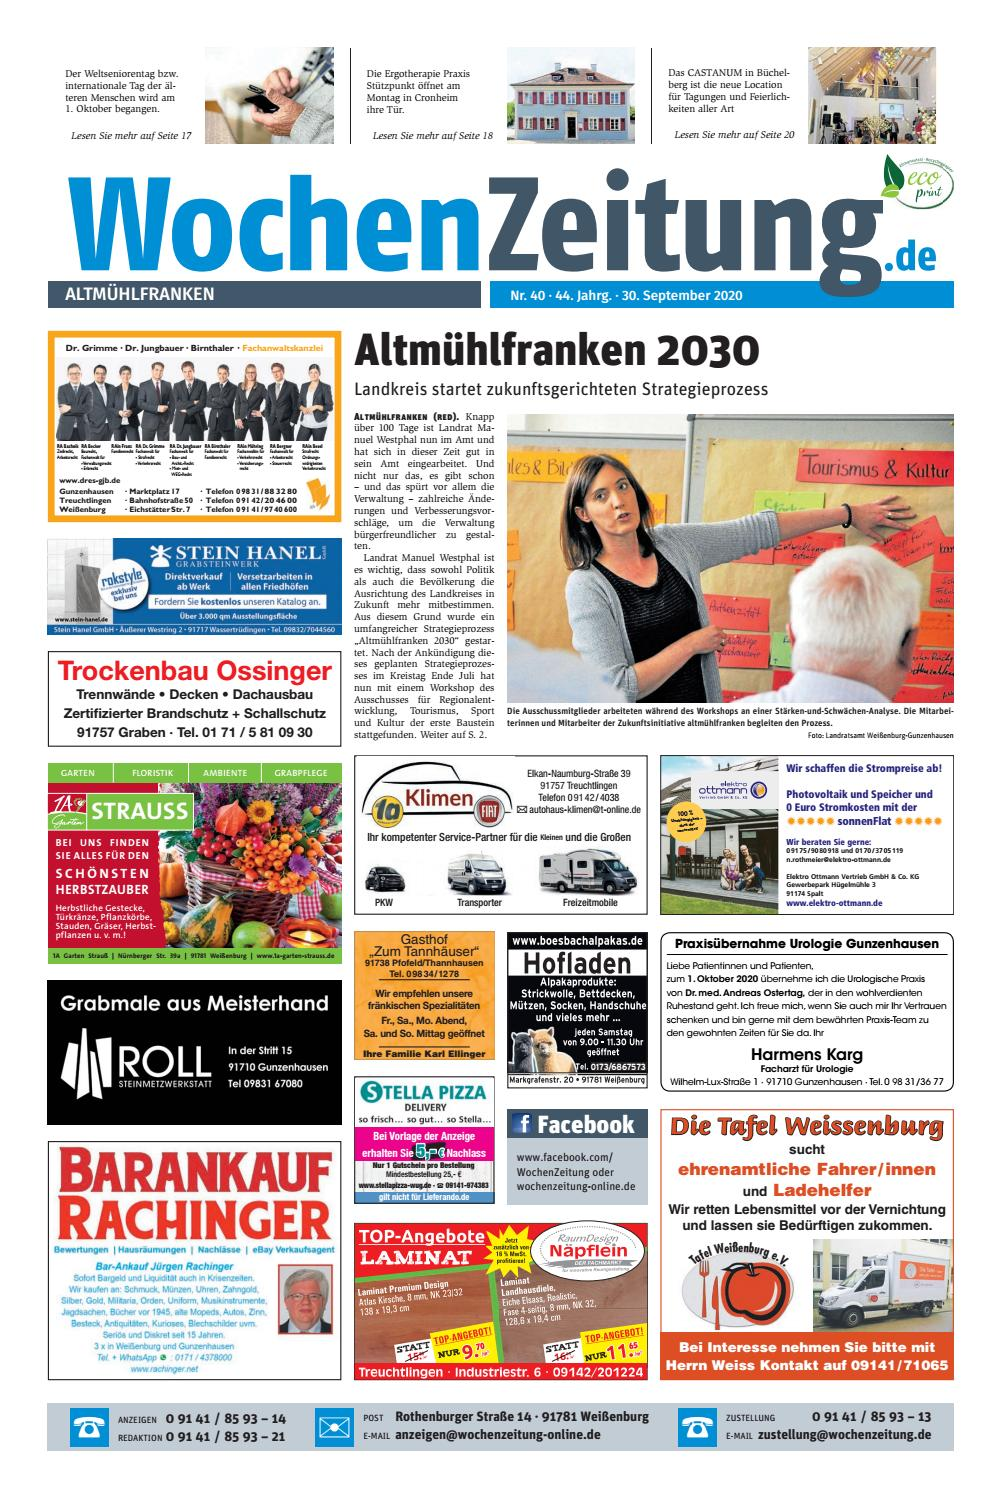 Wochenzeitung Altmuehlfranken Kw 40 20 By Wochenzeitung Sonntagszeitung Issuu